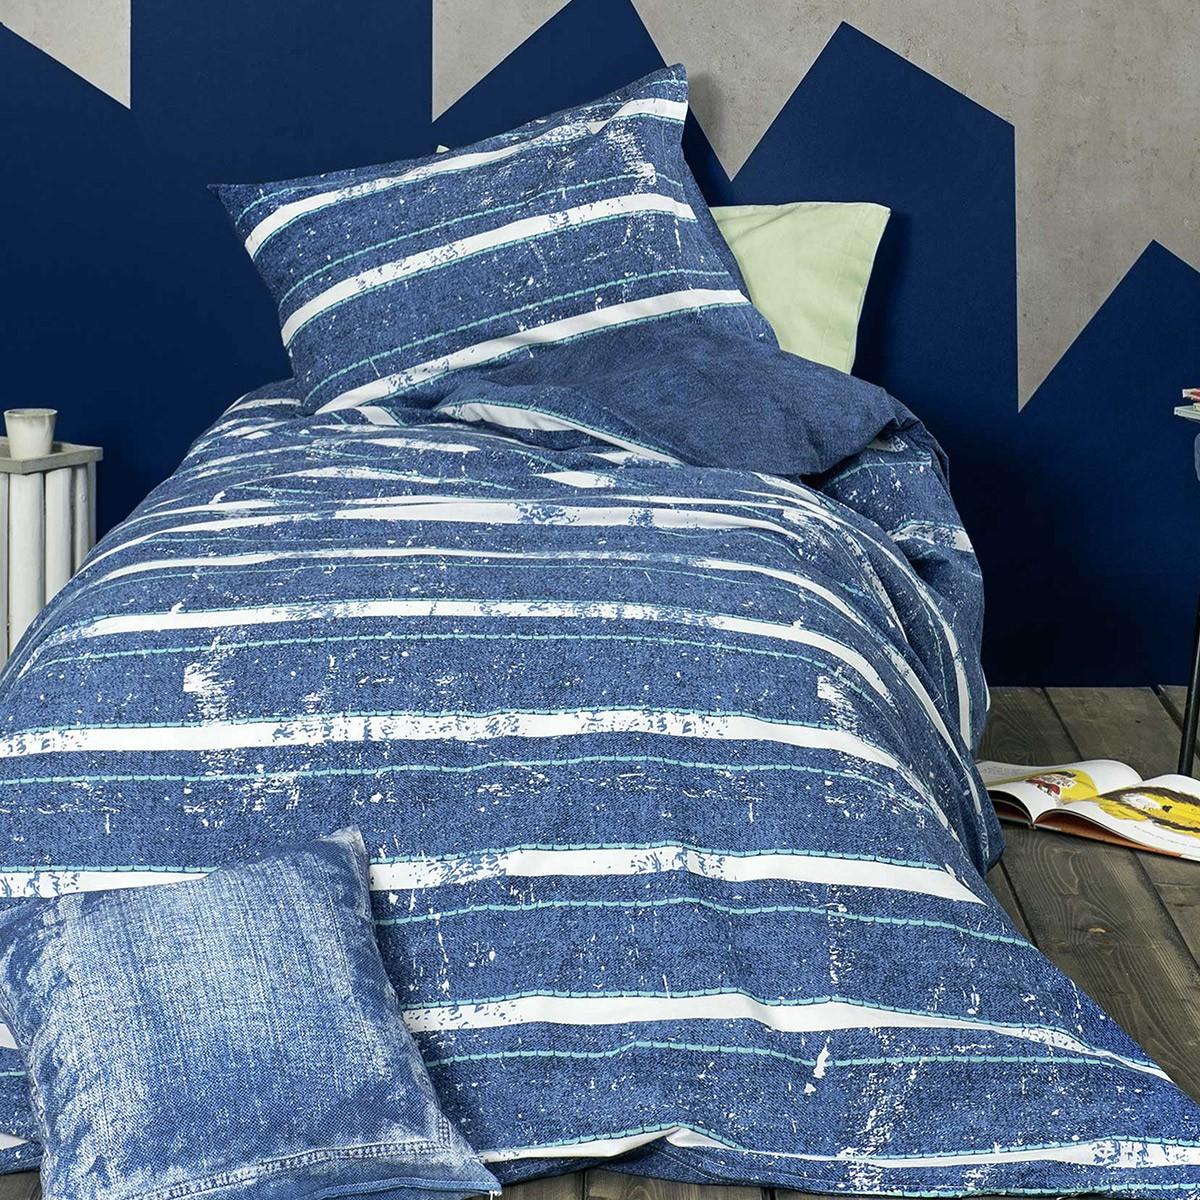 Σεντόνια Ημίδιπλα (Σετ) Nima Kids Teens Jeans Blue